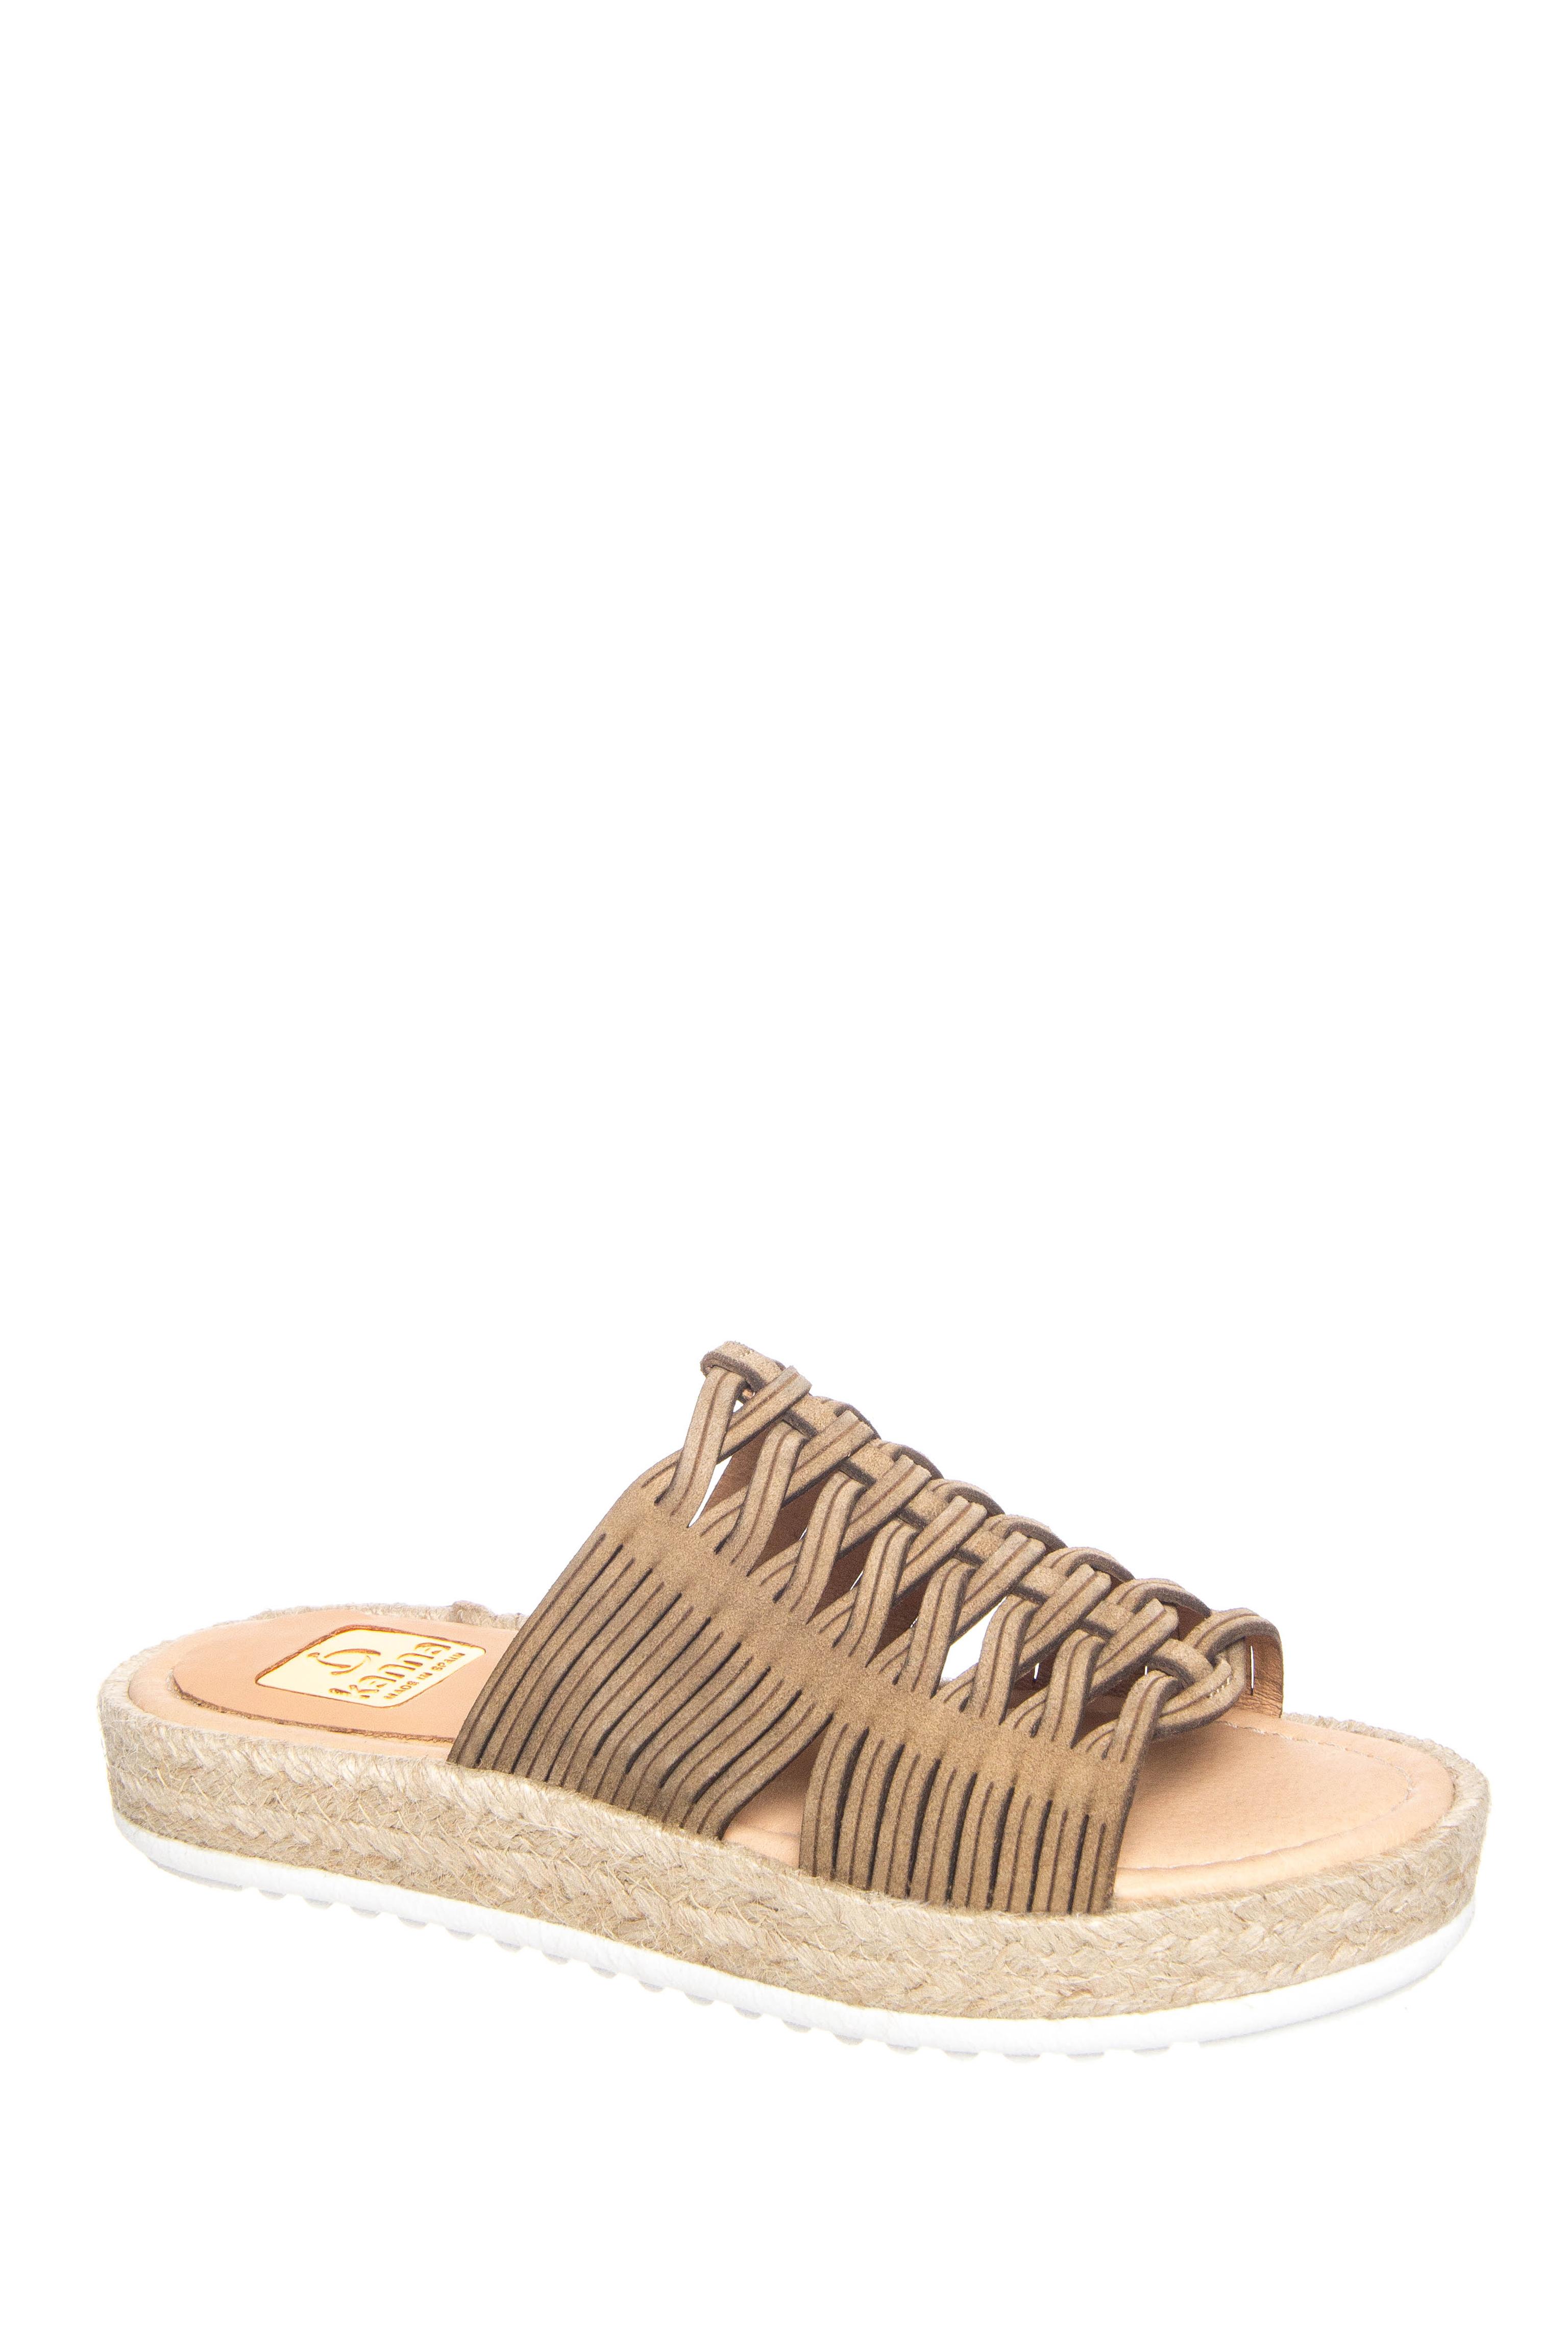 Kanna Slide Flatform Sandals